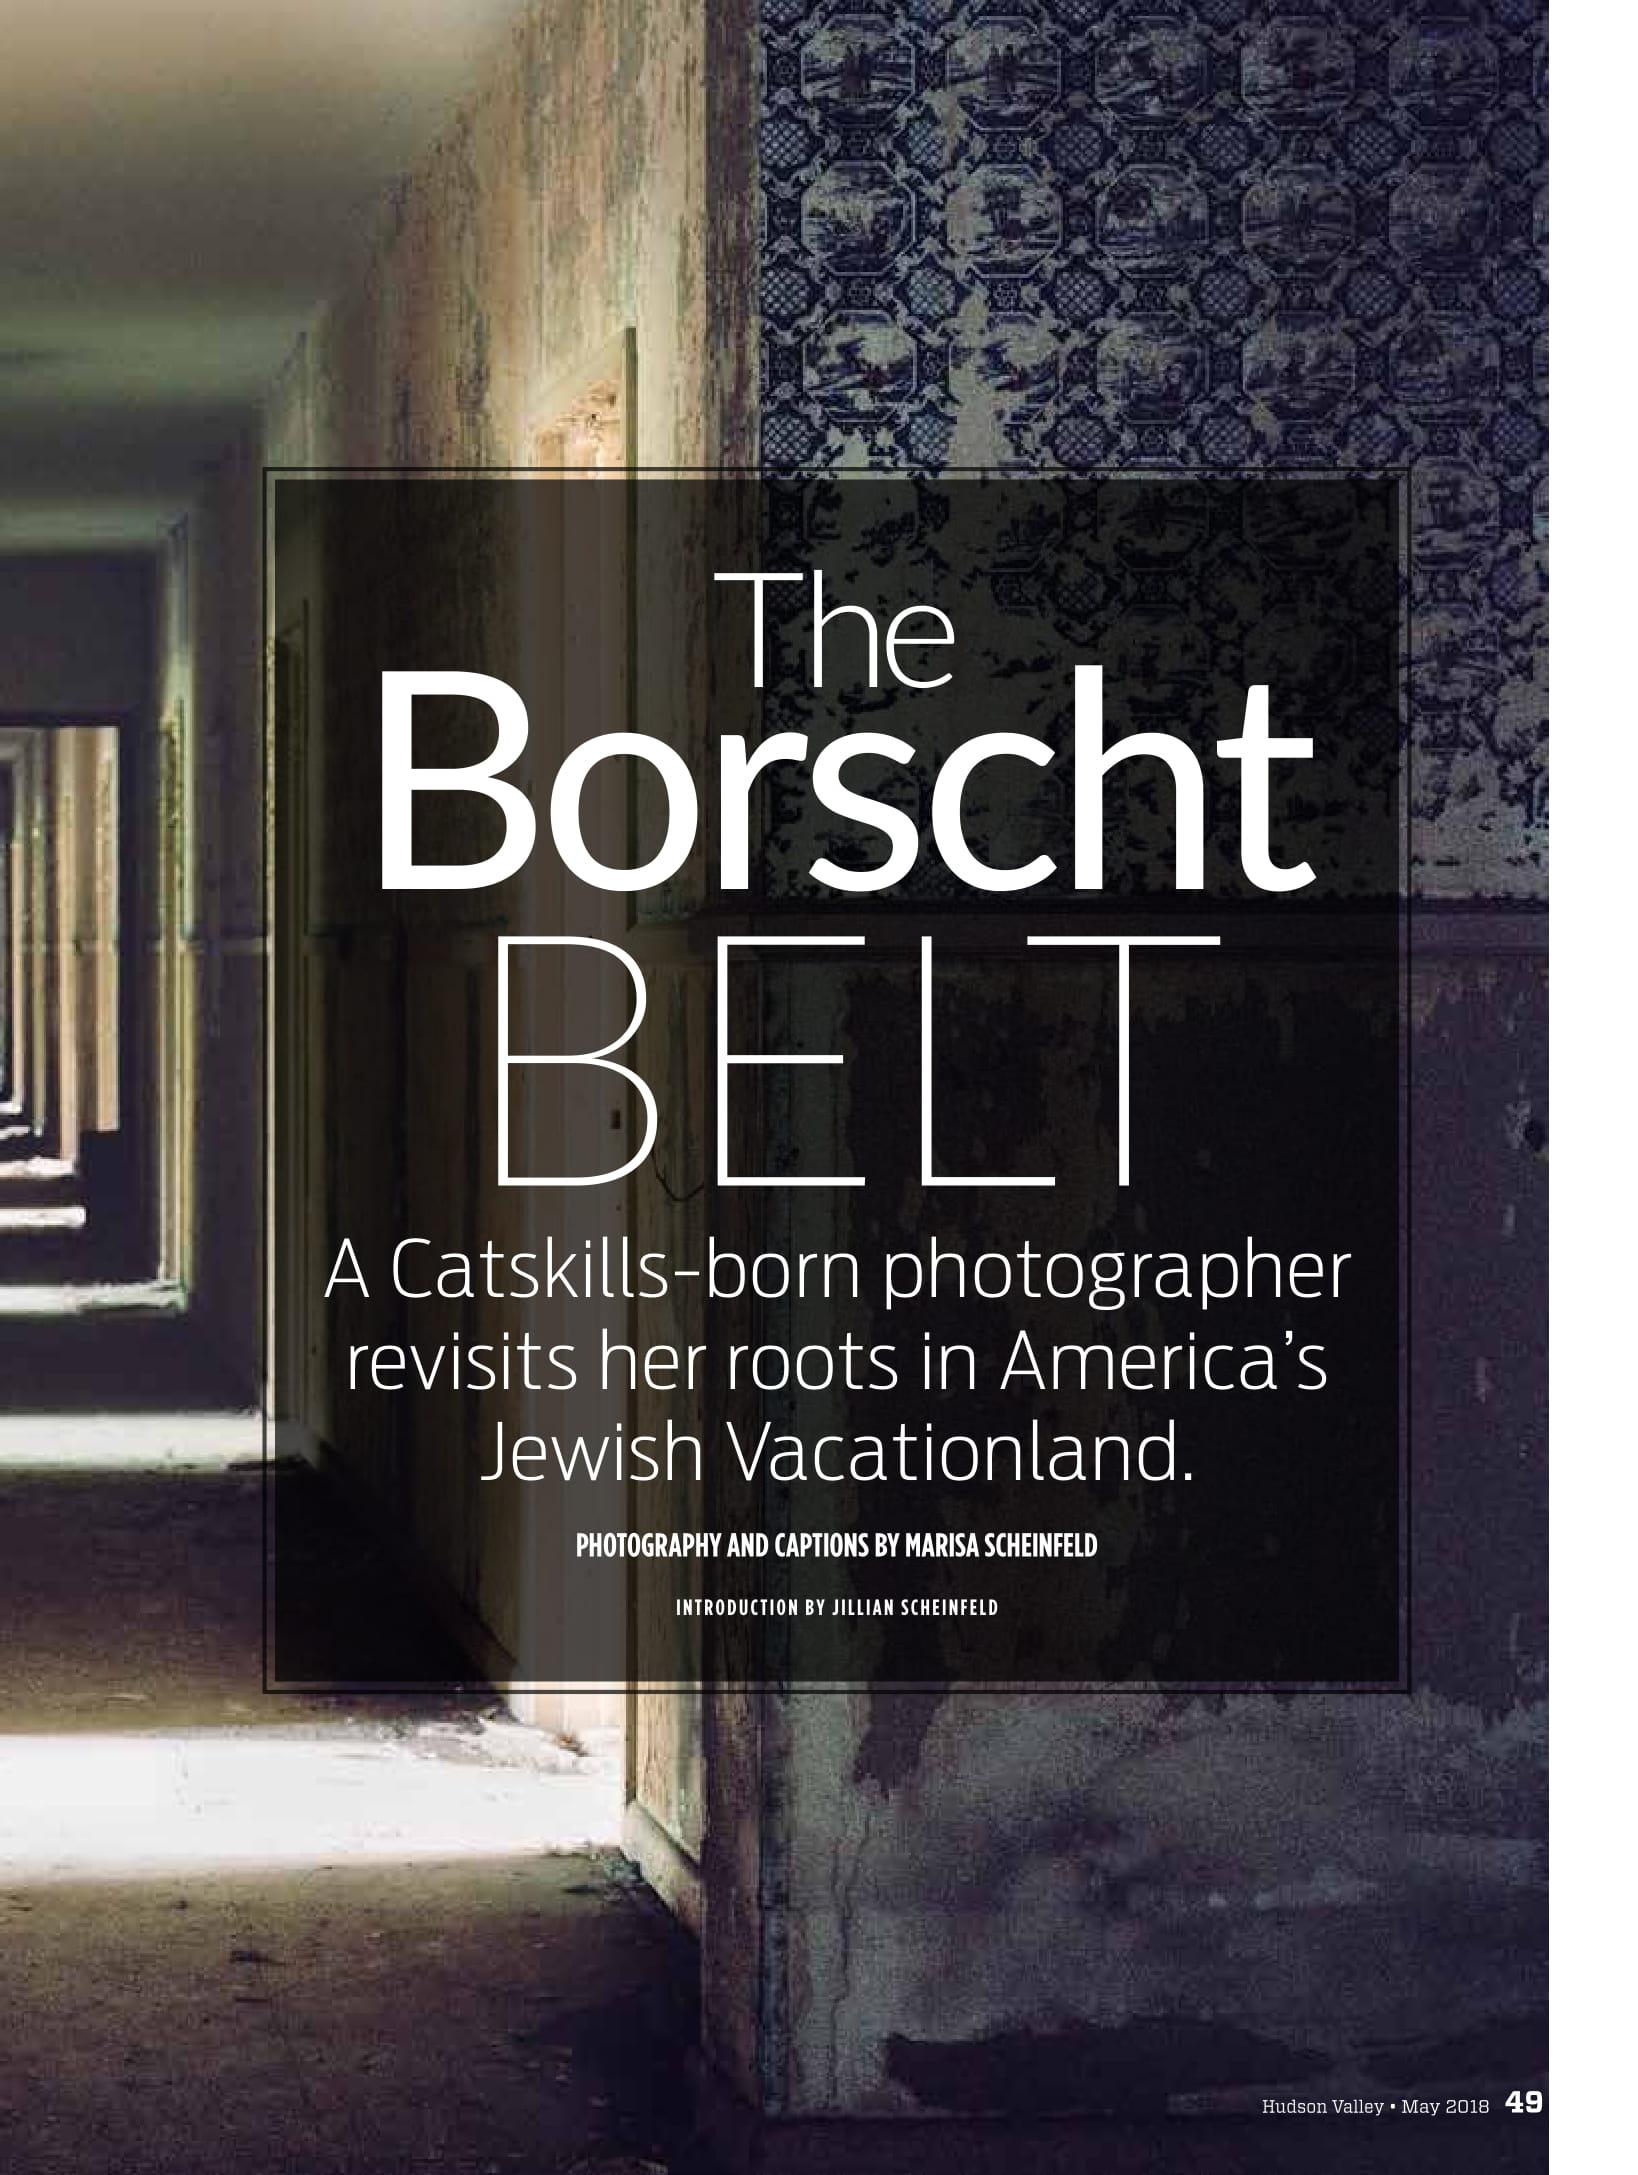 000-Feat Borscht-HV-May-18-2.jpg